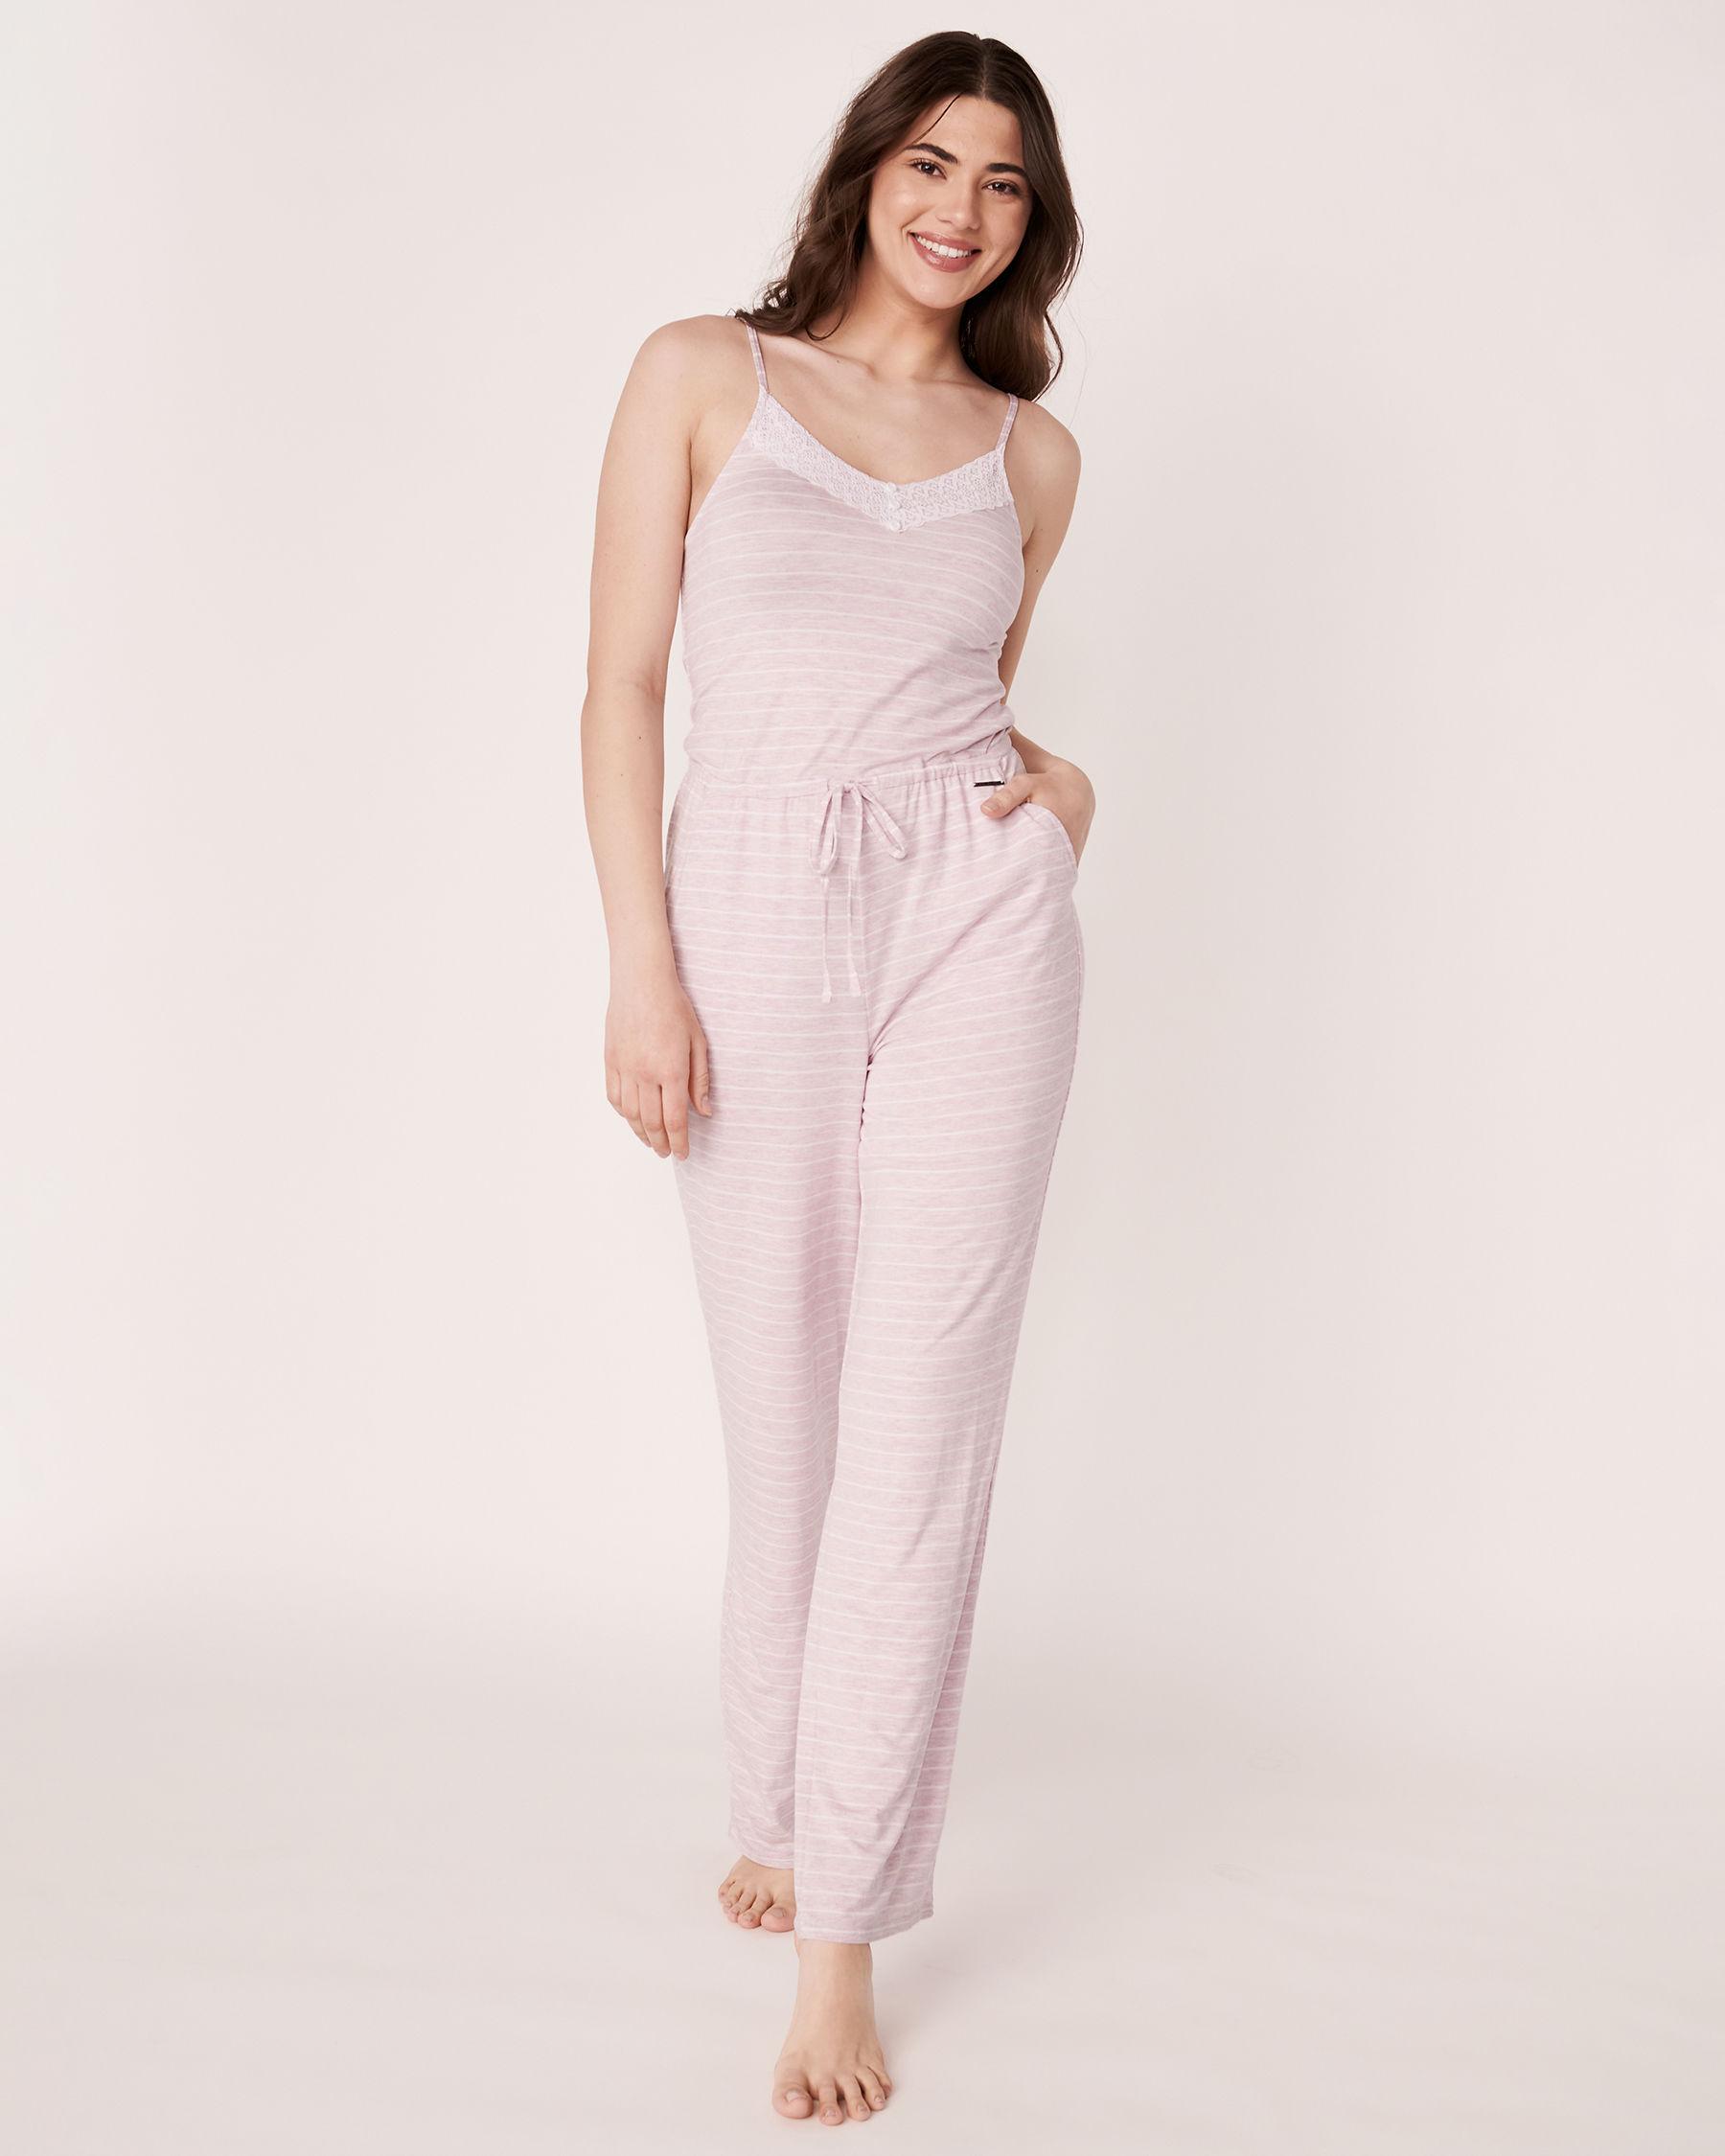 LA VIE EN ROSE Lace Trim Thin Straps Jumpsuit Stripes 50300003 - View3